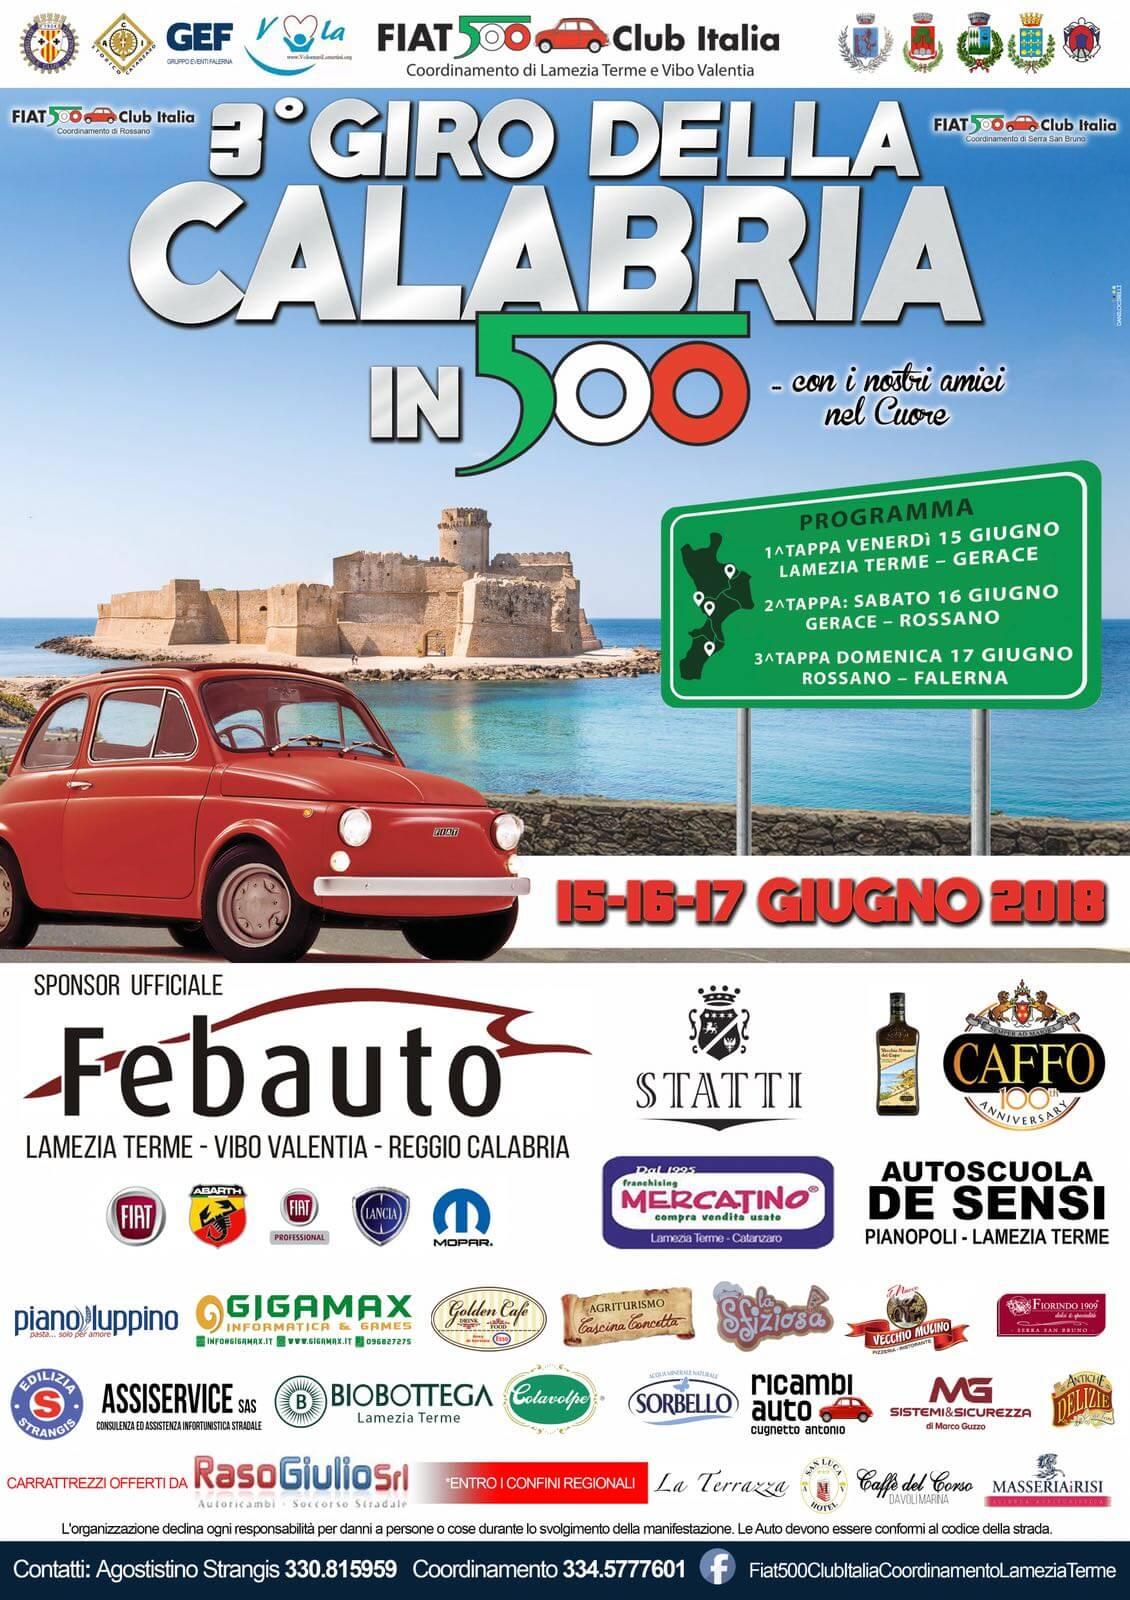 Giro della Calabria in 500. Il 15 giugno il via alla terza edizione